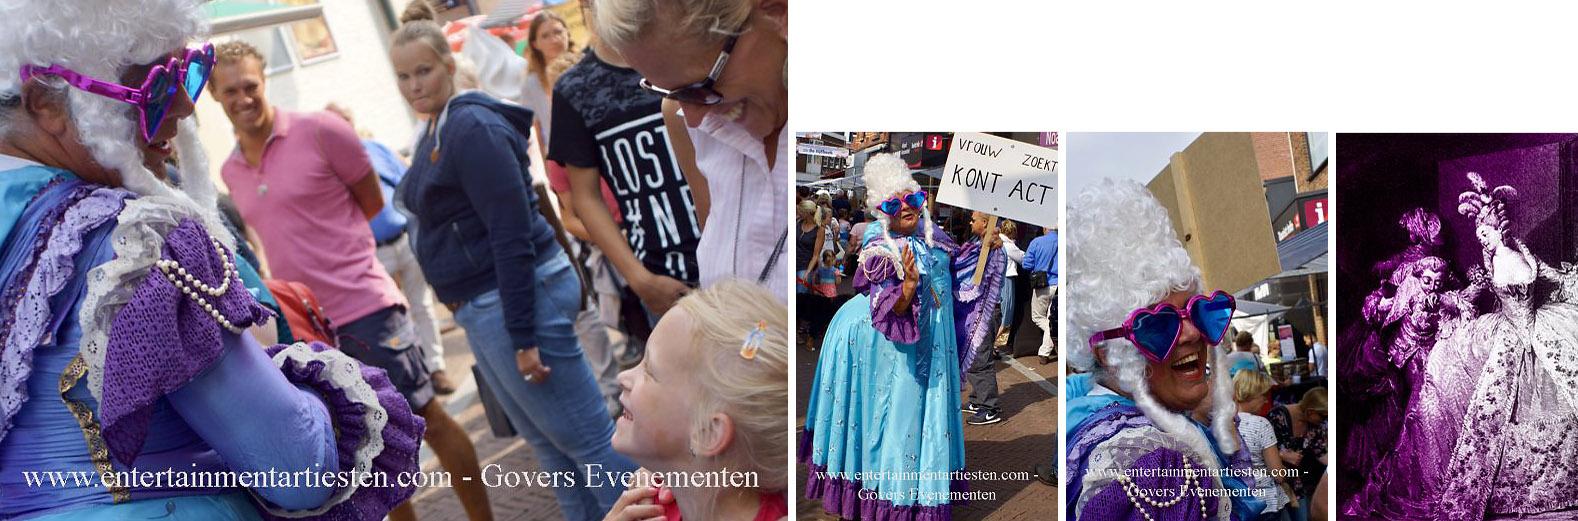 Rococo Marie Antoinette met haar kont act, artiest, humor en theater, artiesten boeken, straattheater, acteur inhuren, Govers Evenementen, www.goversartiesten.nl